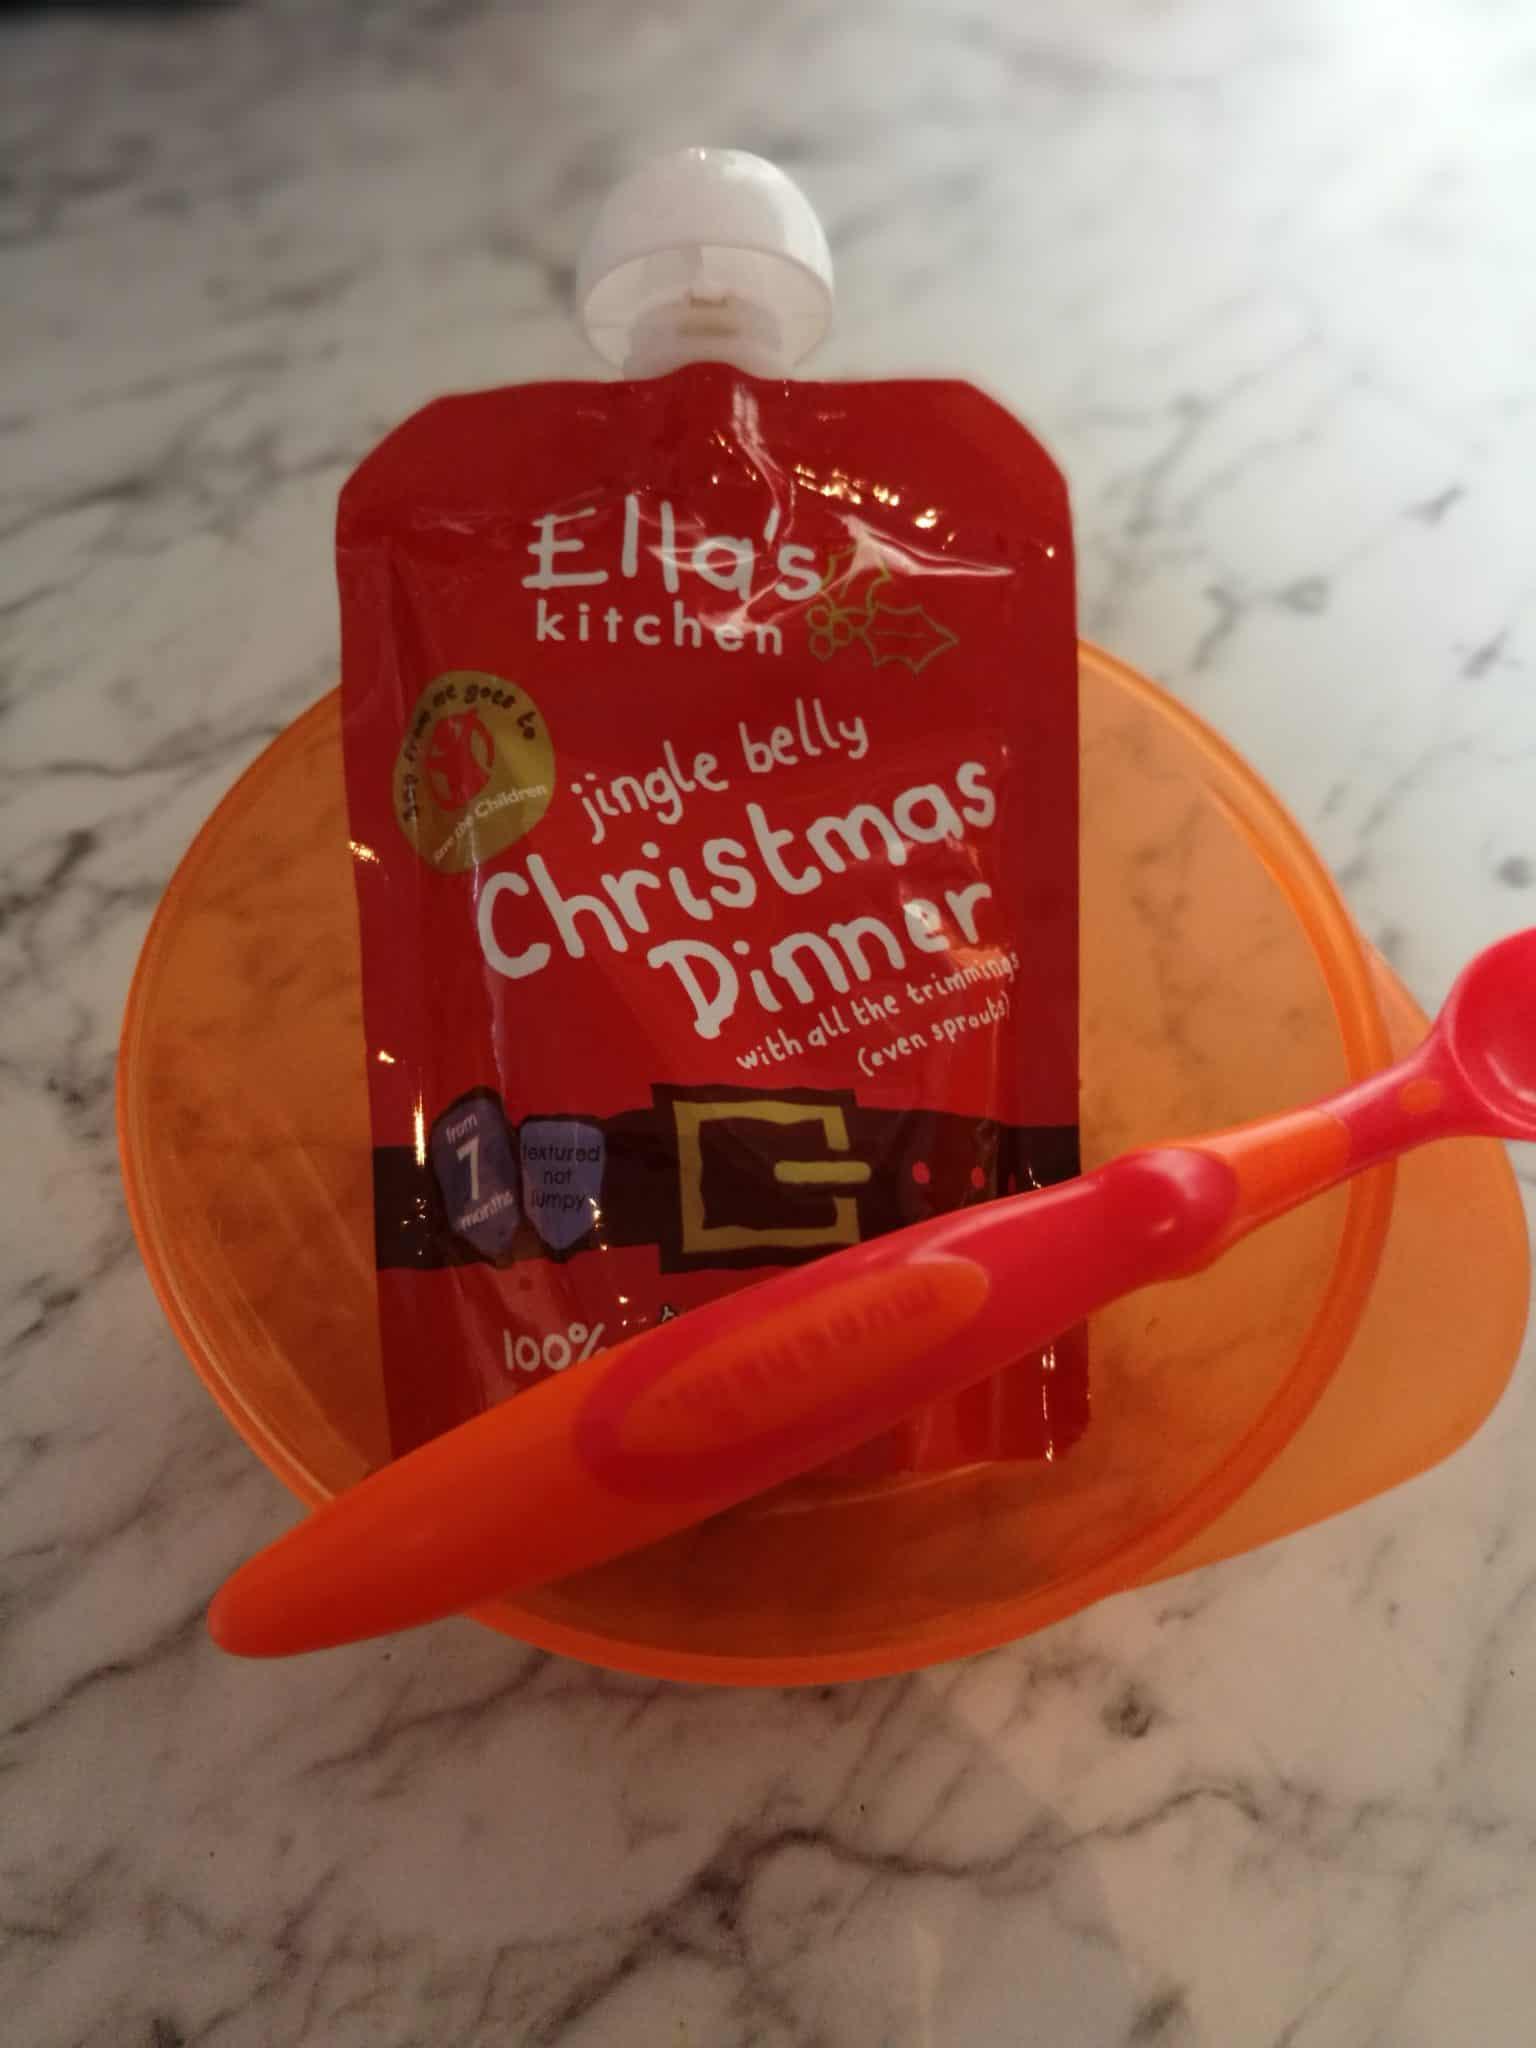 Jingle Belly Christmas Dinner